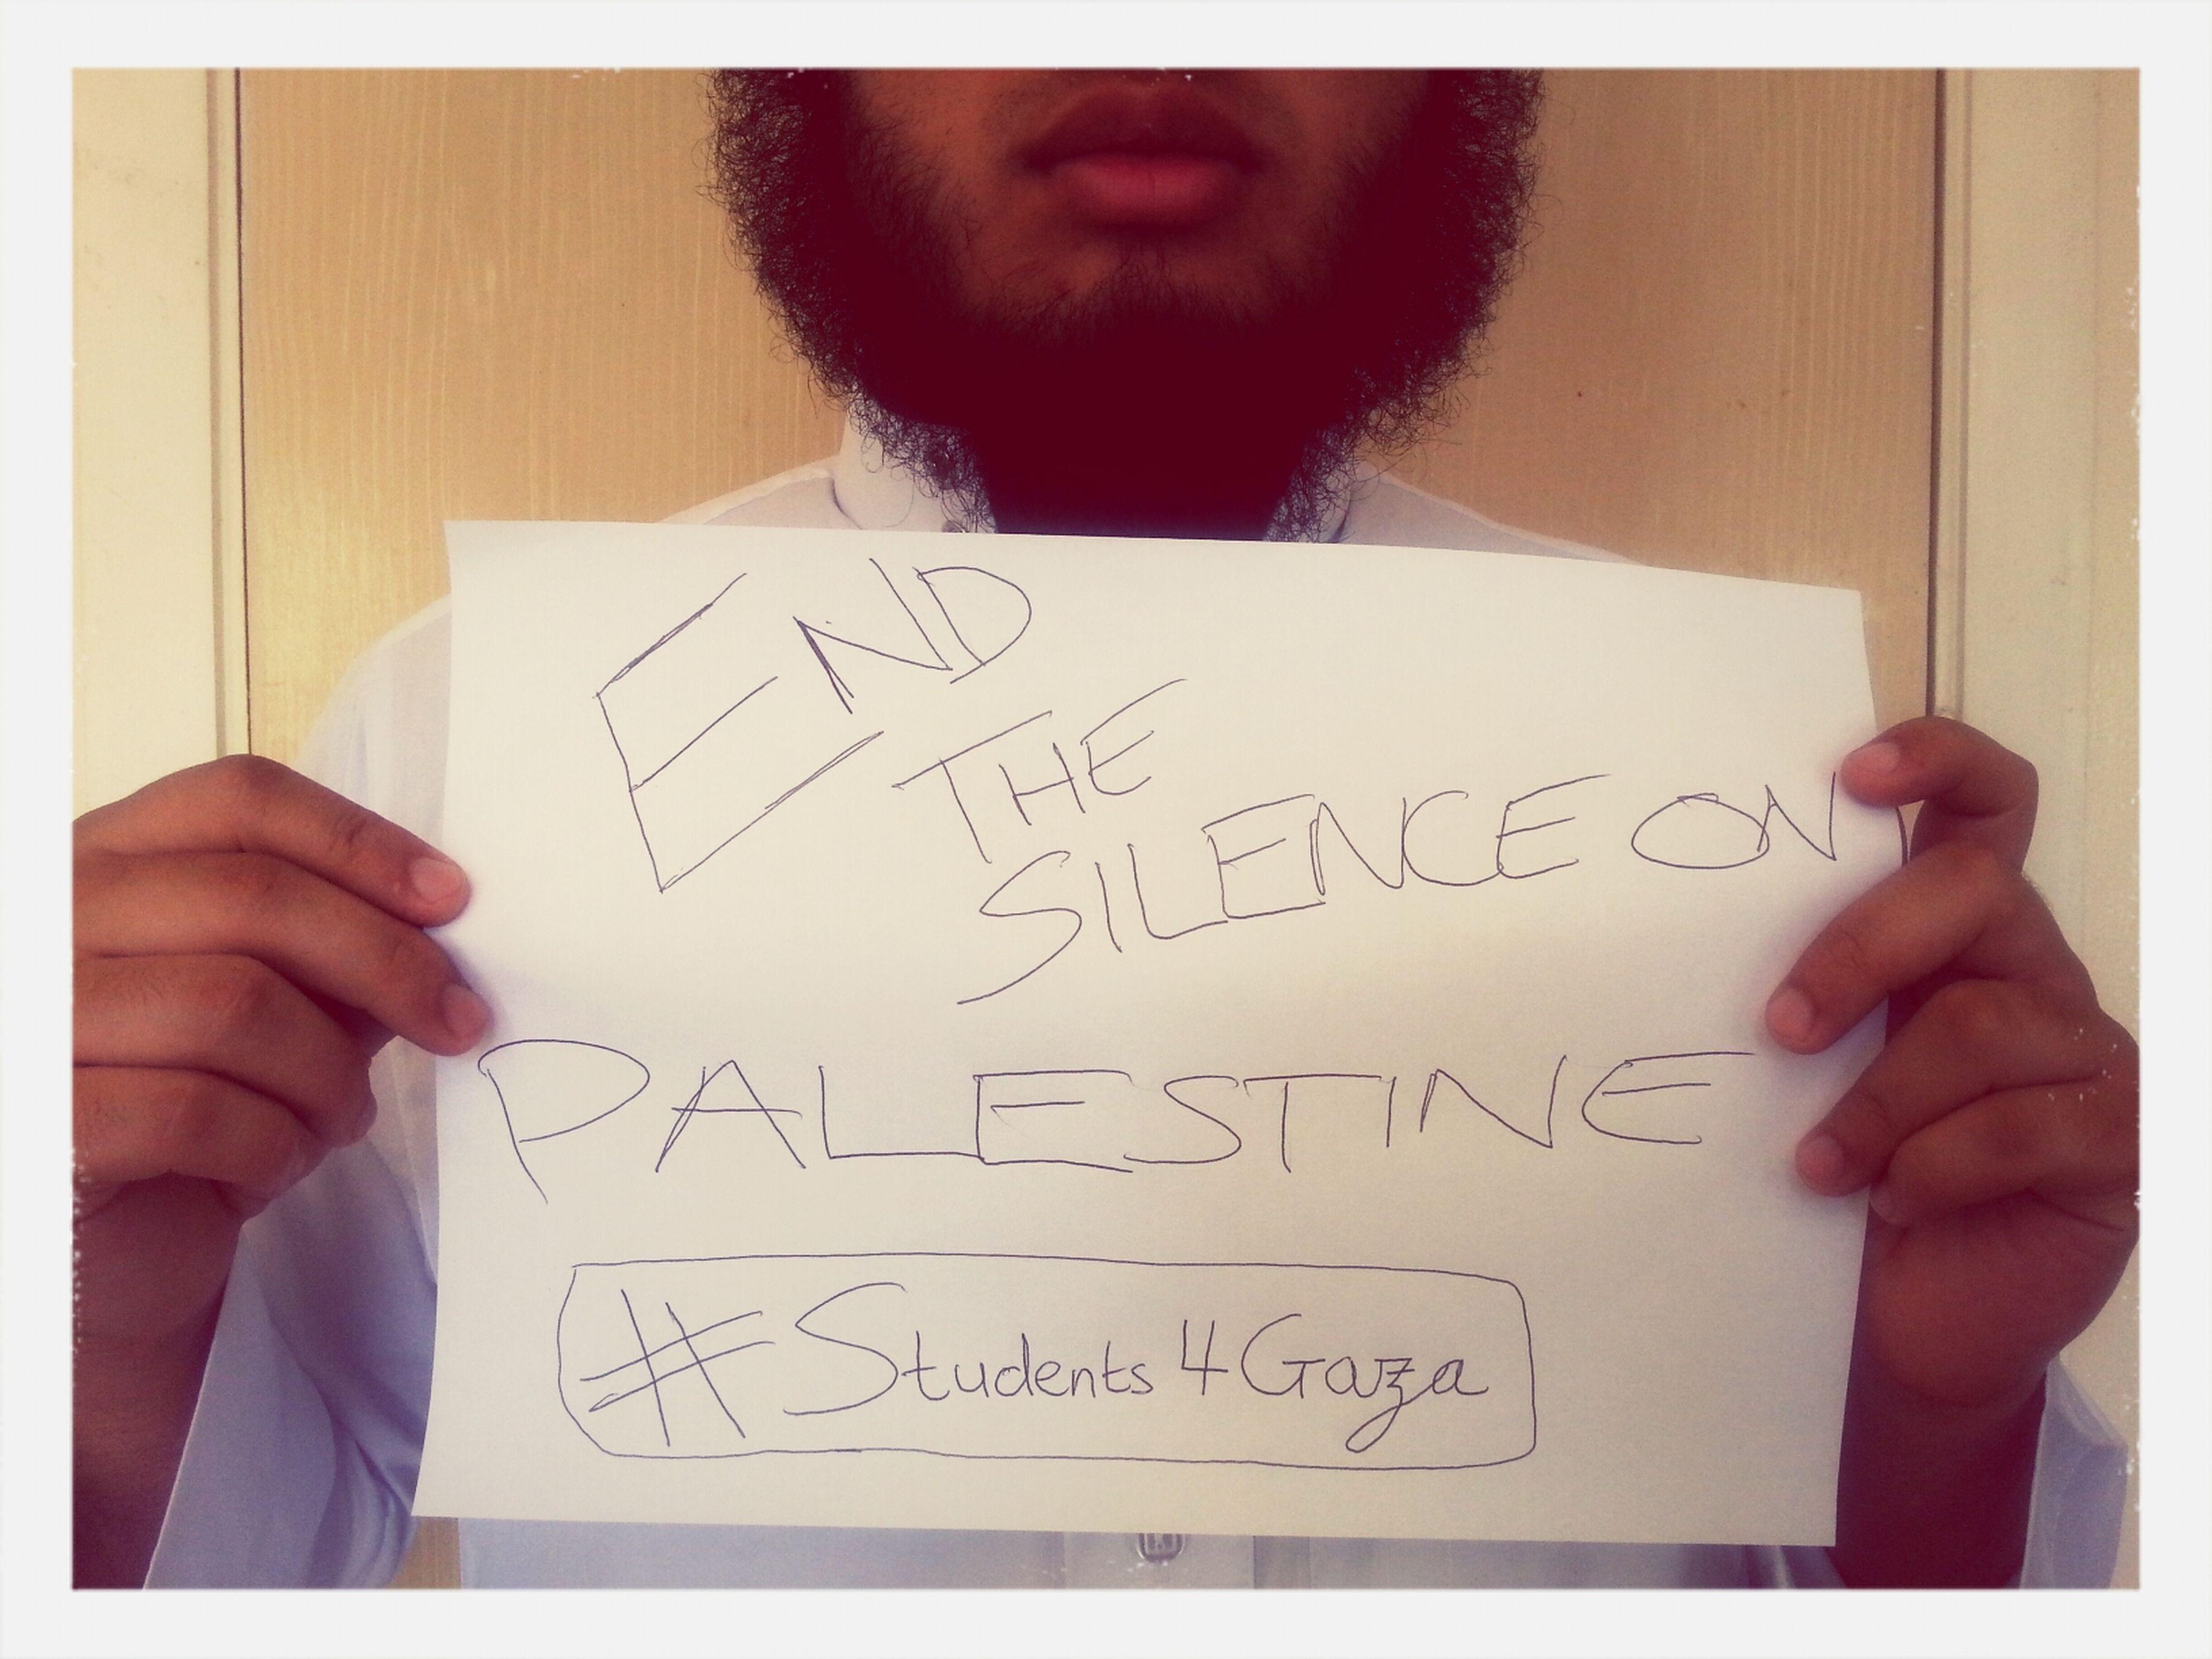 Students4Gaza First Eyeem Photo